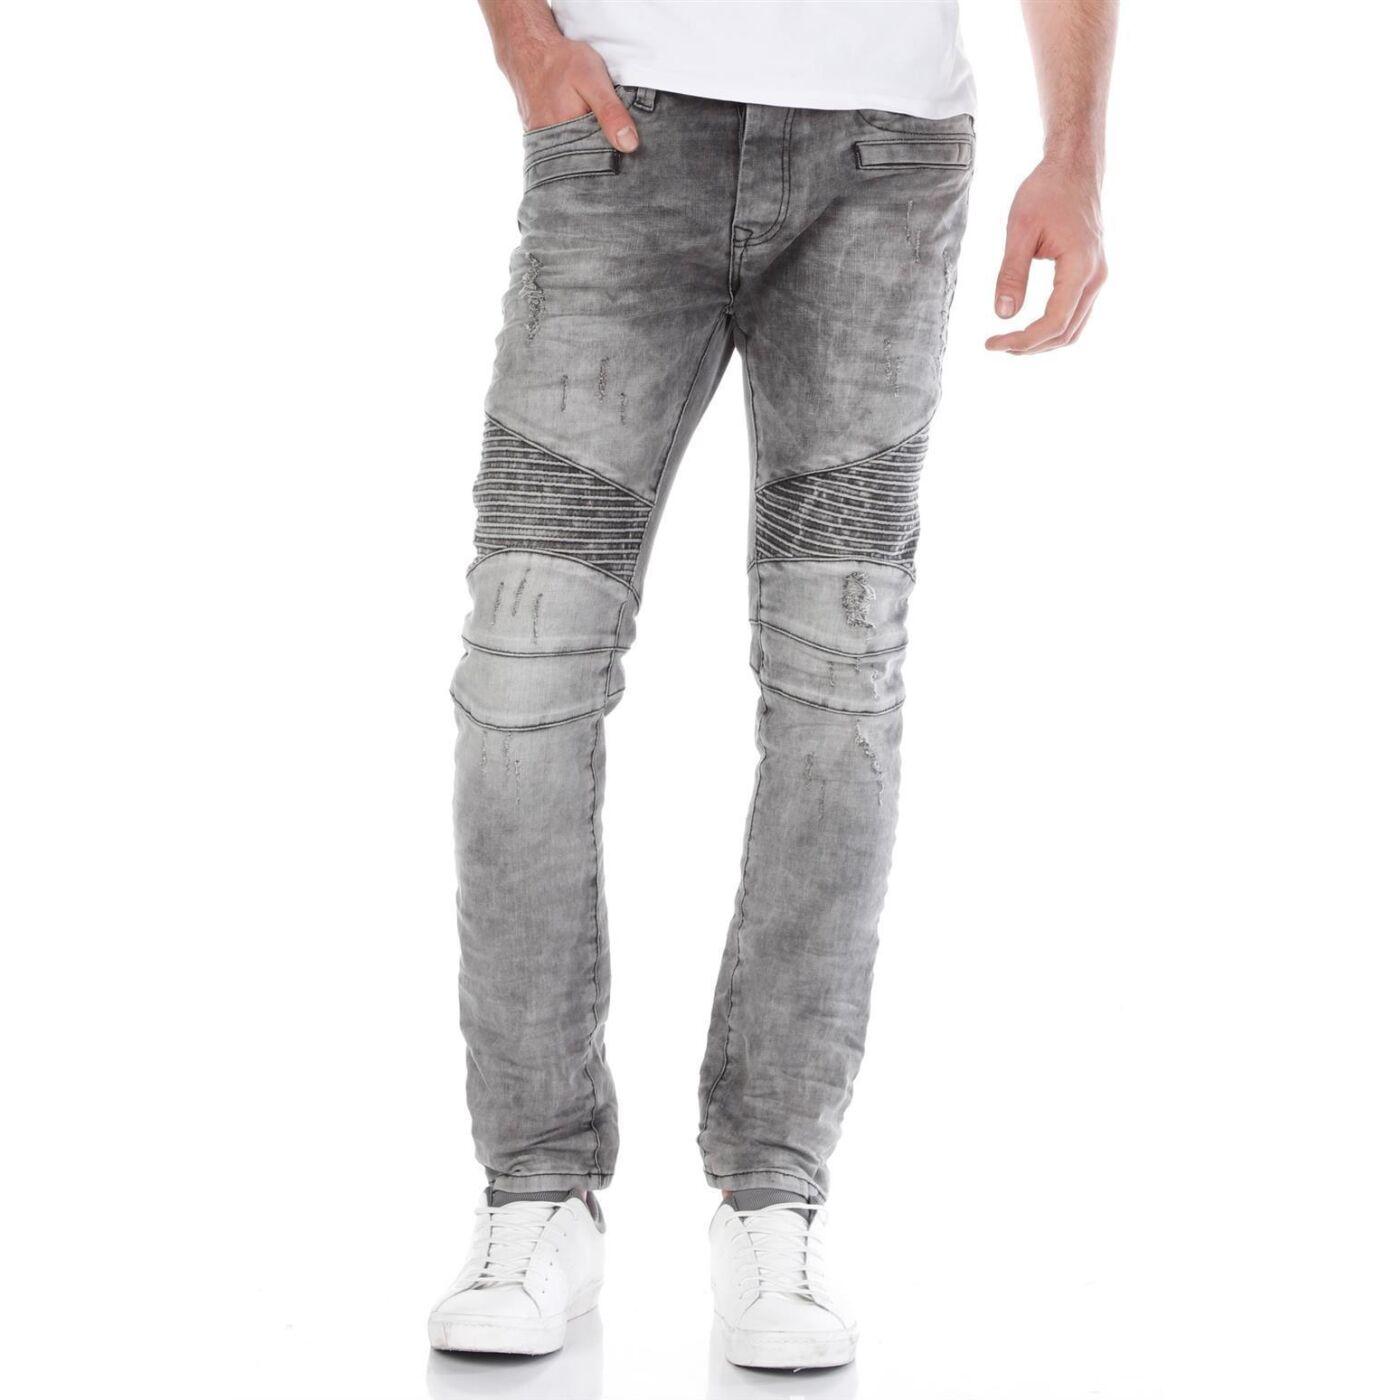 sehr schön Schuhwerk niedriger Preis biker denim jeans